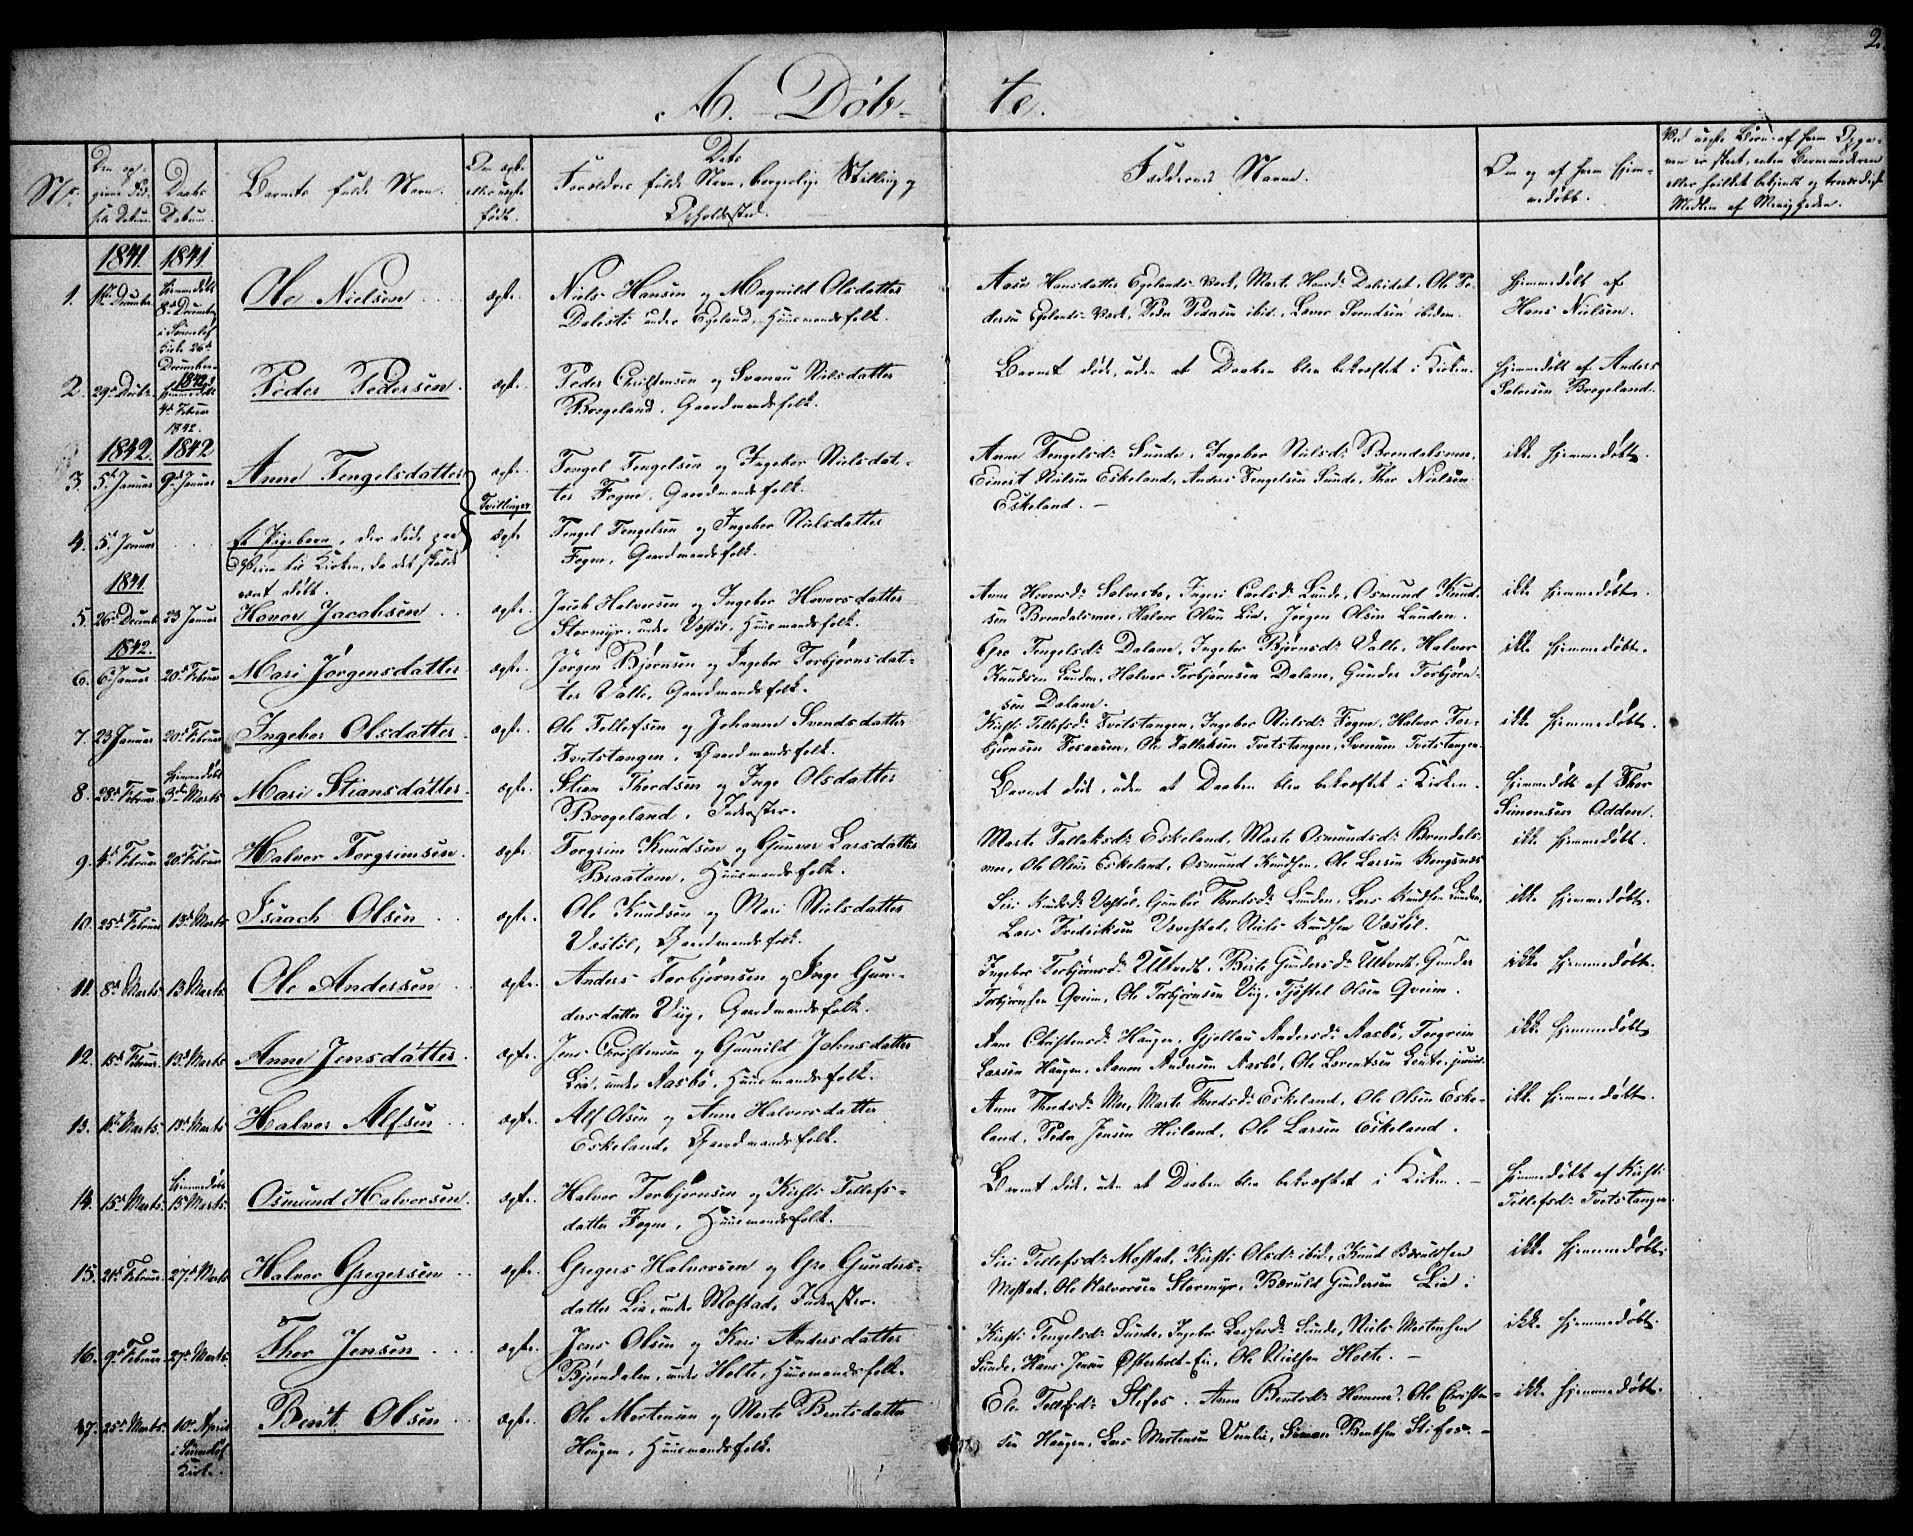 SAK, Gjerstad sokneprestkontor, F/Fa/Faa/L0006: Ministerialbok nr. A 6, 1841-1857, s. 2